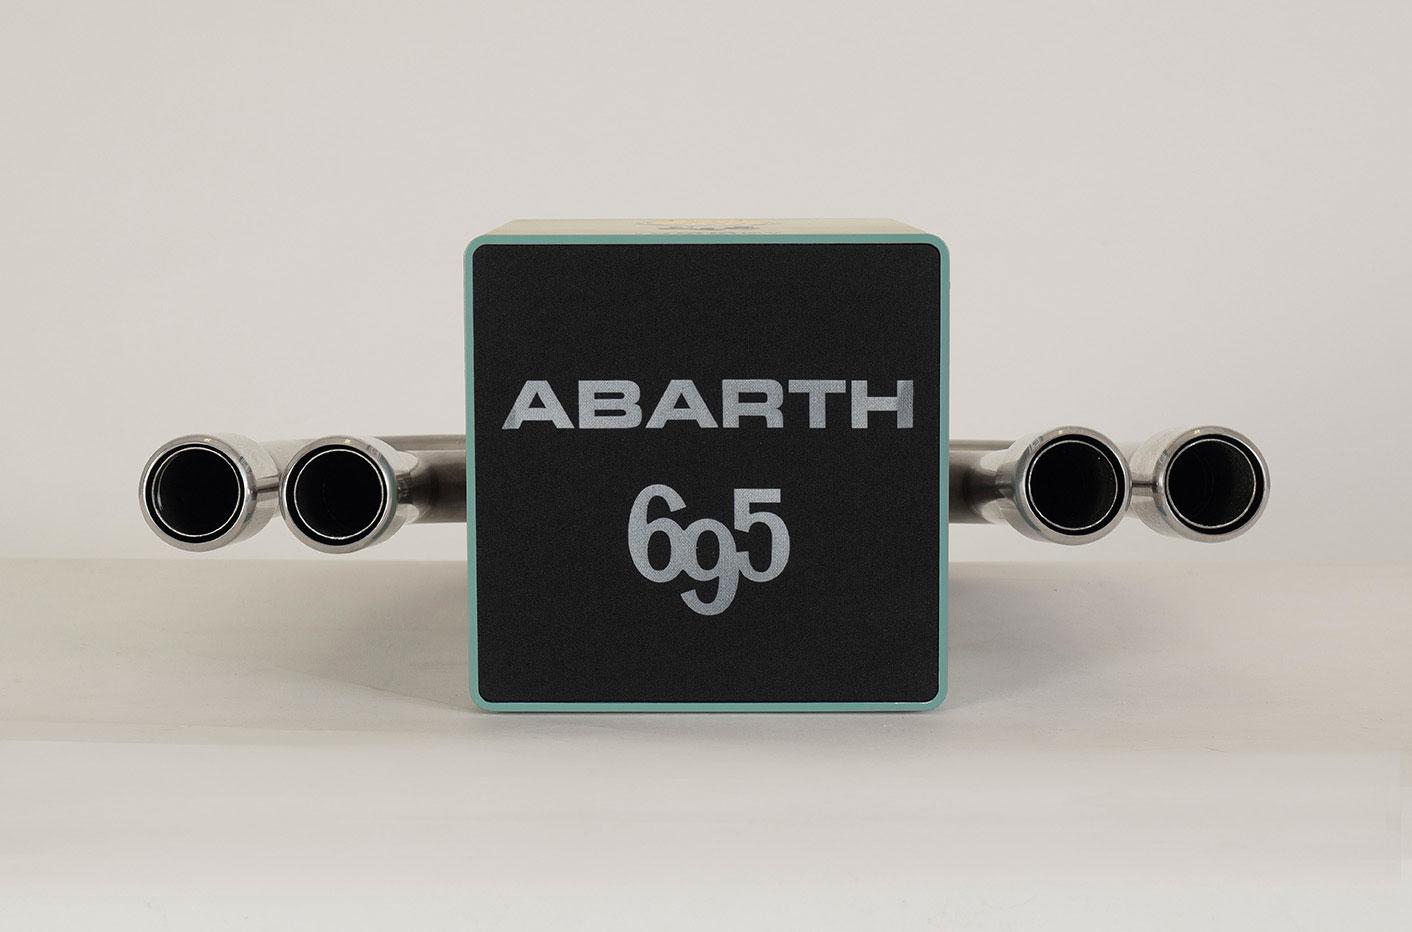 iXOOST KUBO ABARTH 695 impianti stereo di design a marchio Abarth